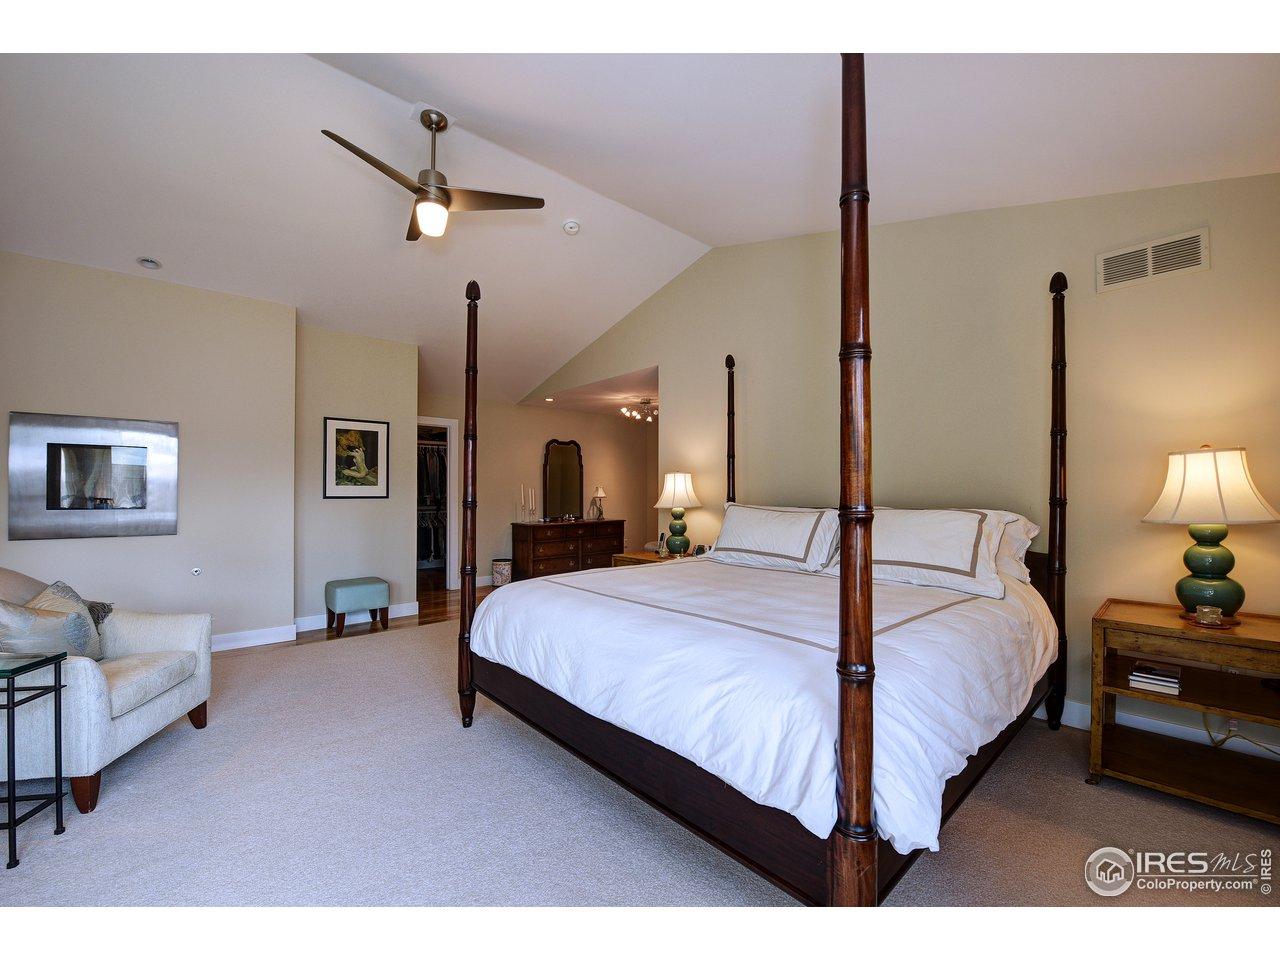 Vaulted ceilings, wood floors unter rug